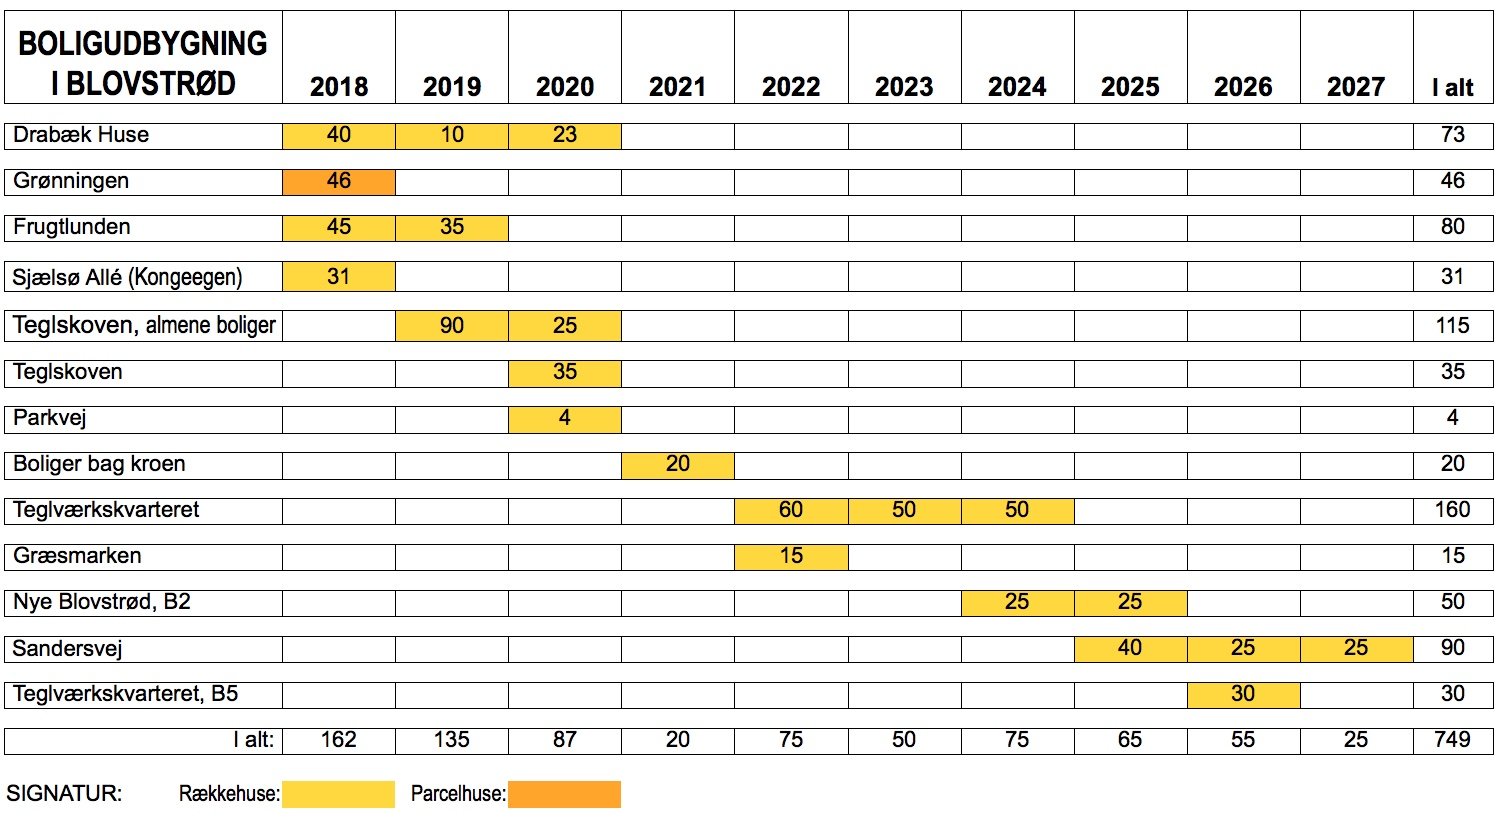 Af ovenstående oversigt fremgår det, at der i den 10-årige periode opføres omkring 750 nye boliger i Blovstrød-området. Kun 6% af boligerne er parcelhuse - resten er rækkehuse. Det ses endvidere, at det fjerde byggefelt (B2) ved det nye Blovstrød først igangsættes i 2024 - altså om seks år. Grafik: AOB